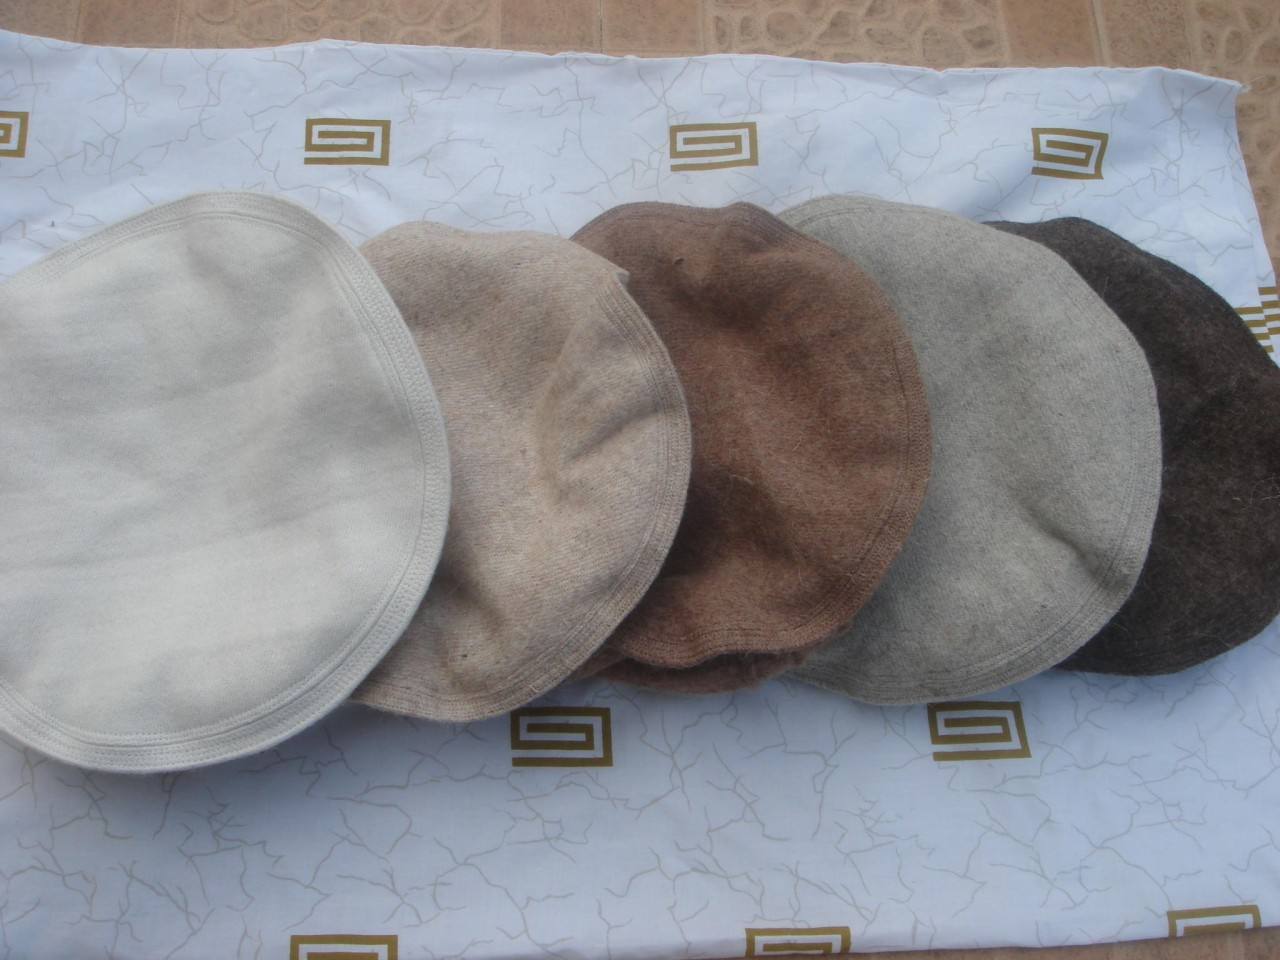 AFGHAN-PAKOL-PAKUL-KUFI-TRIBAL-CHITRAL-BERET-MASSOUD-WOOL-HAT-MILITARY-TOPI-CAP